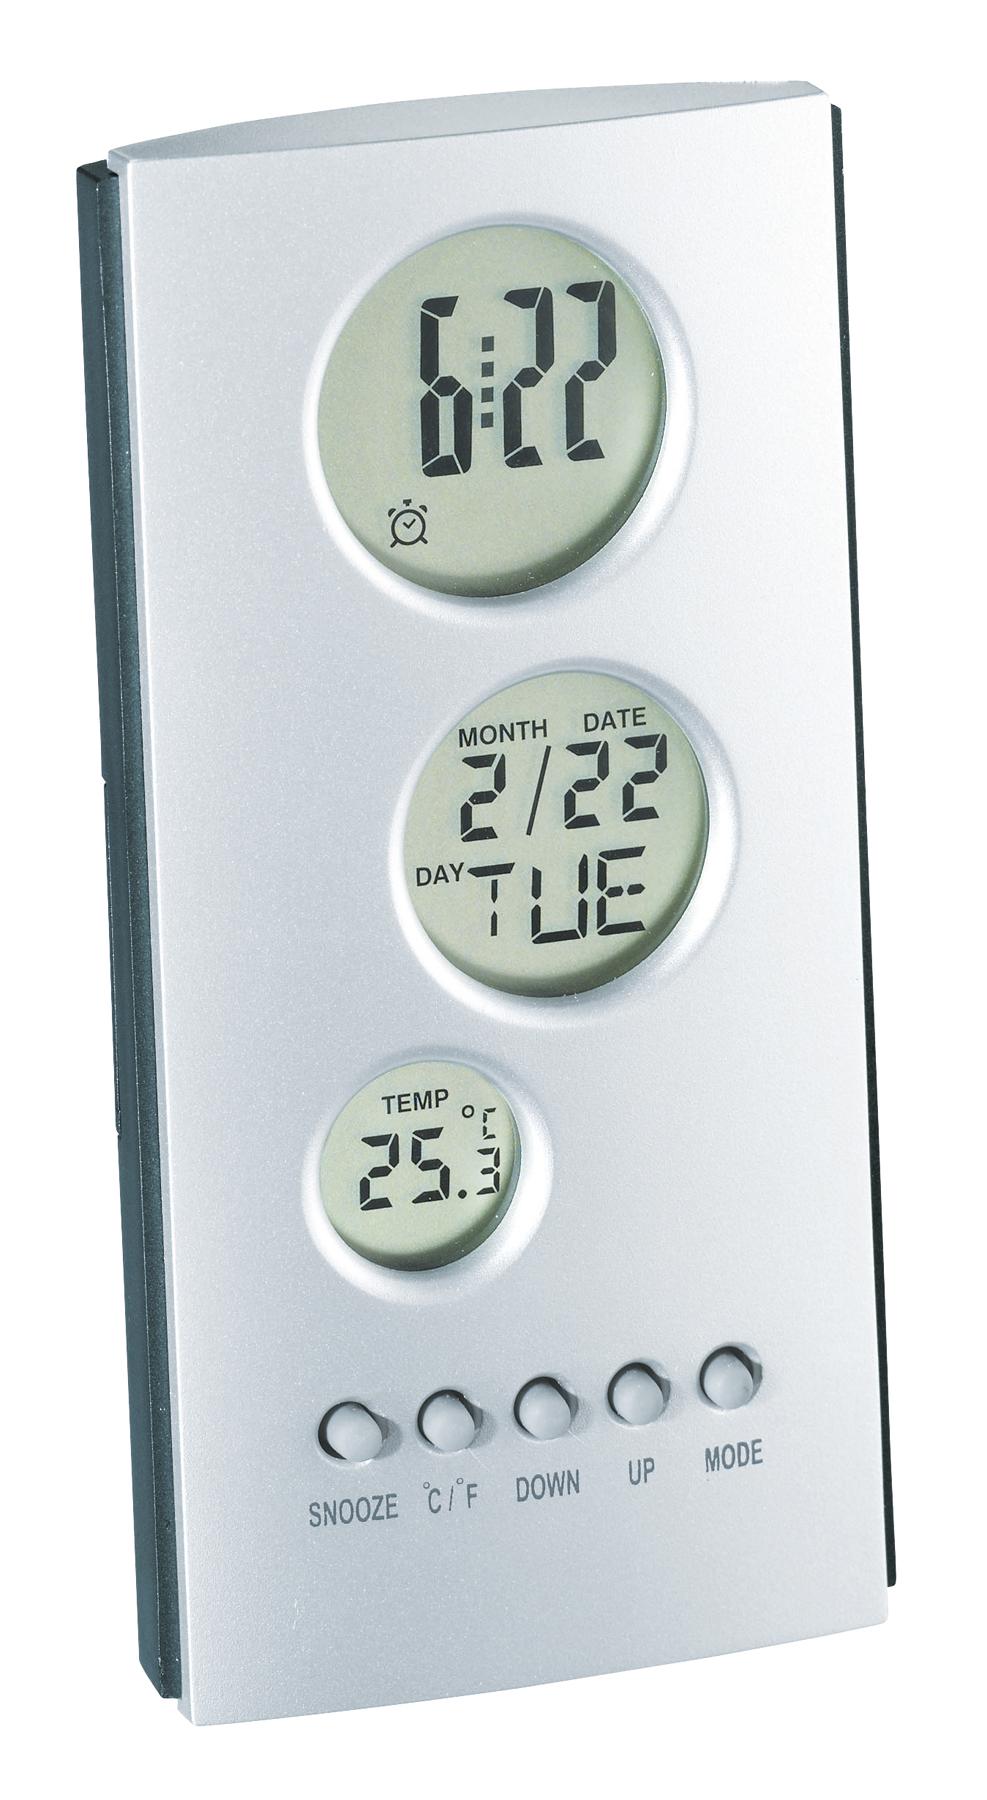 Zegar elektroniczny TOWER, antracytowy, srebrny